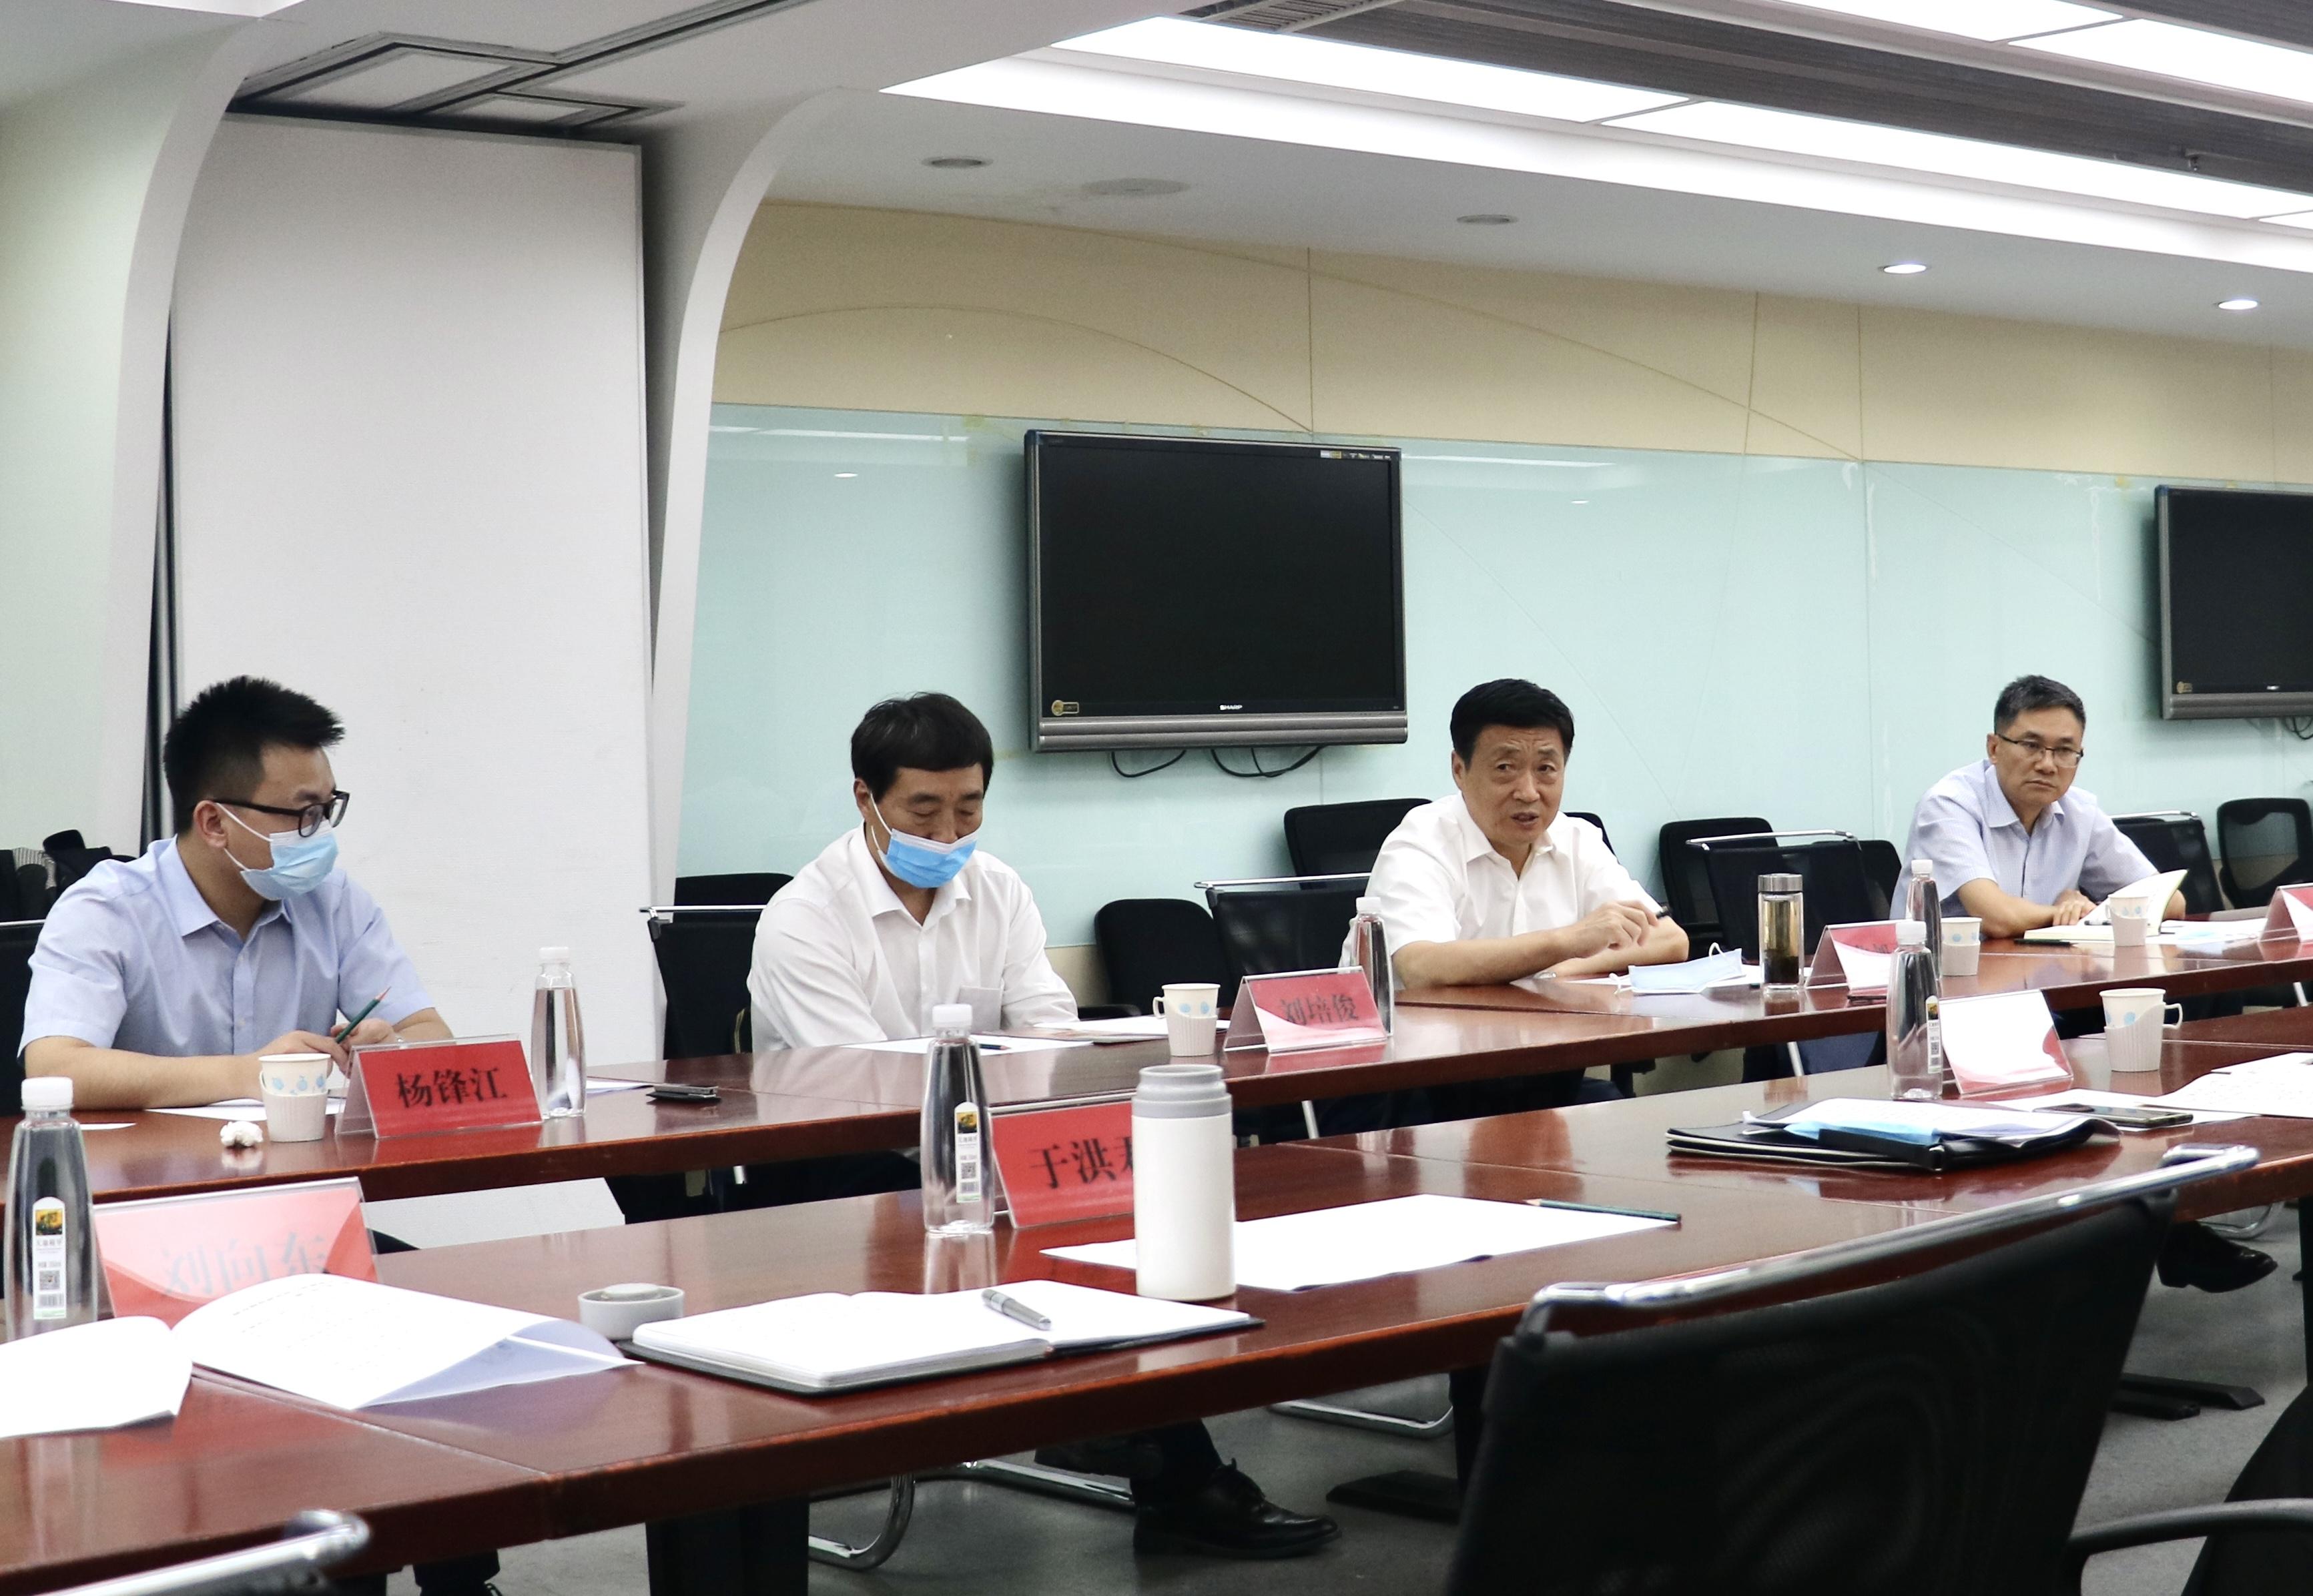 新疆建设兵团党委常委、副司令员鲁旭平一行到访研究院